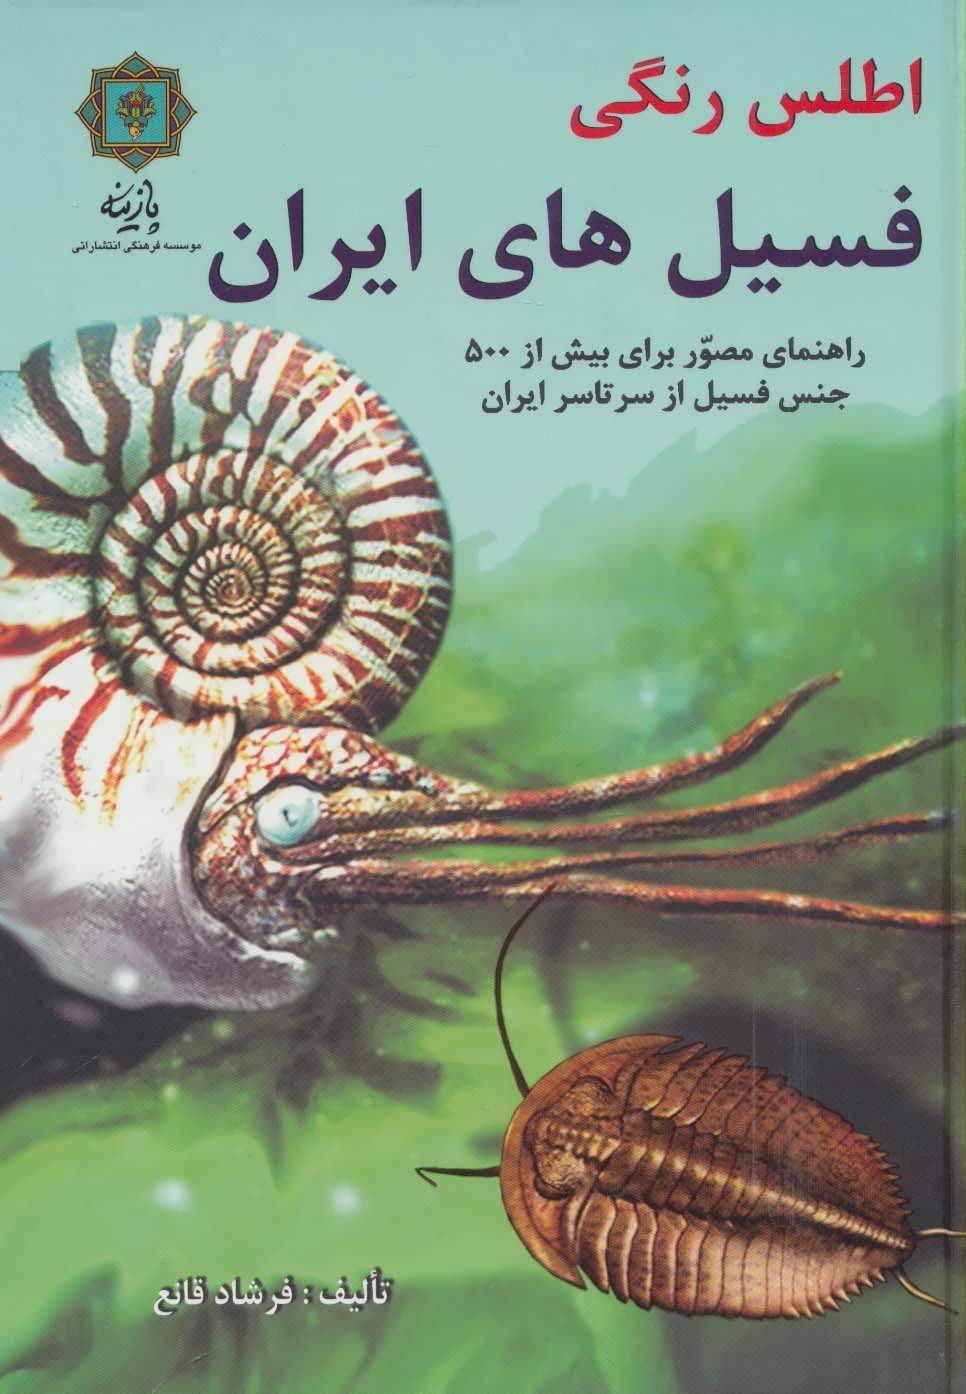 اطلس رنگی فسیل های ایران (راهنمای مصور برای بیش از 500 جنس فسیل از سرتاسر ایران)